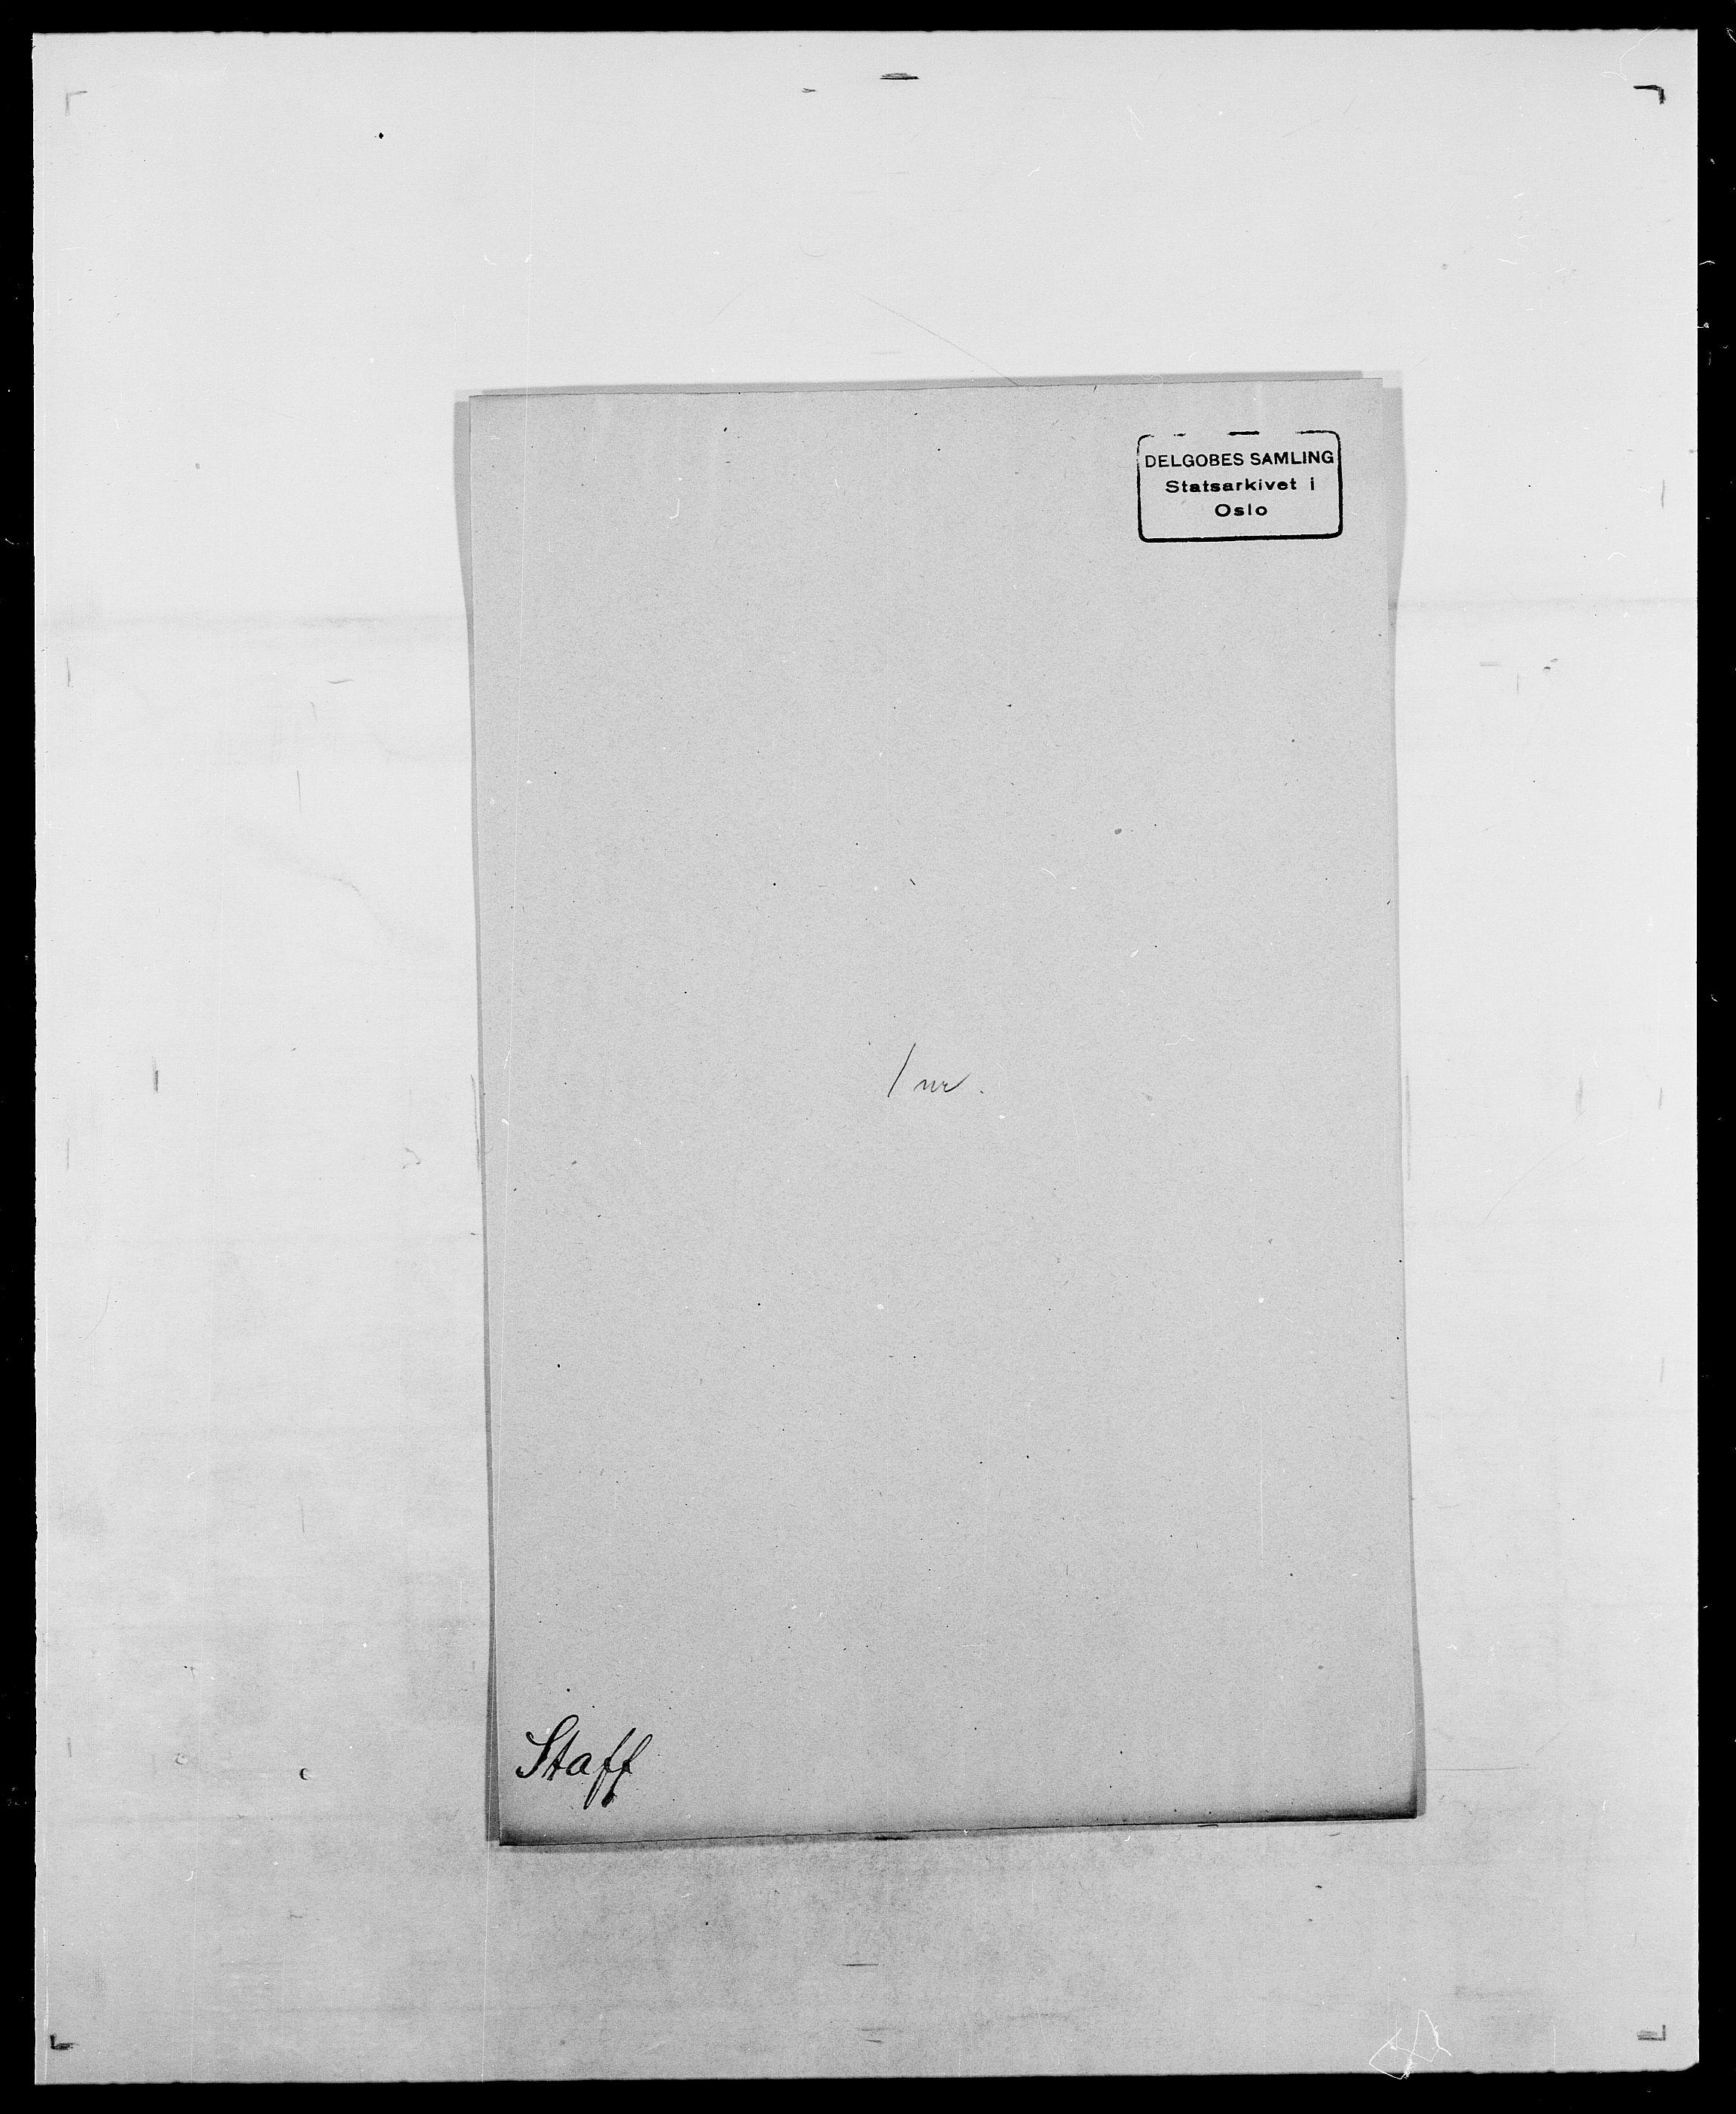 SAO, Delgobe, Charles Antoine - samling, D/Da/L0036: Skaanør - Staverskov, s. 930